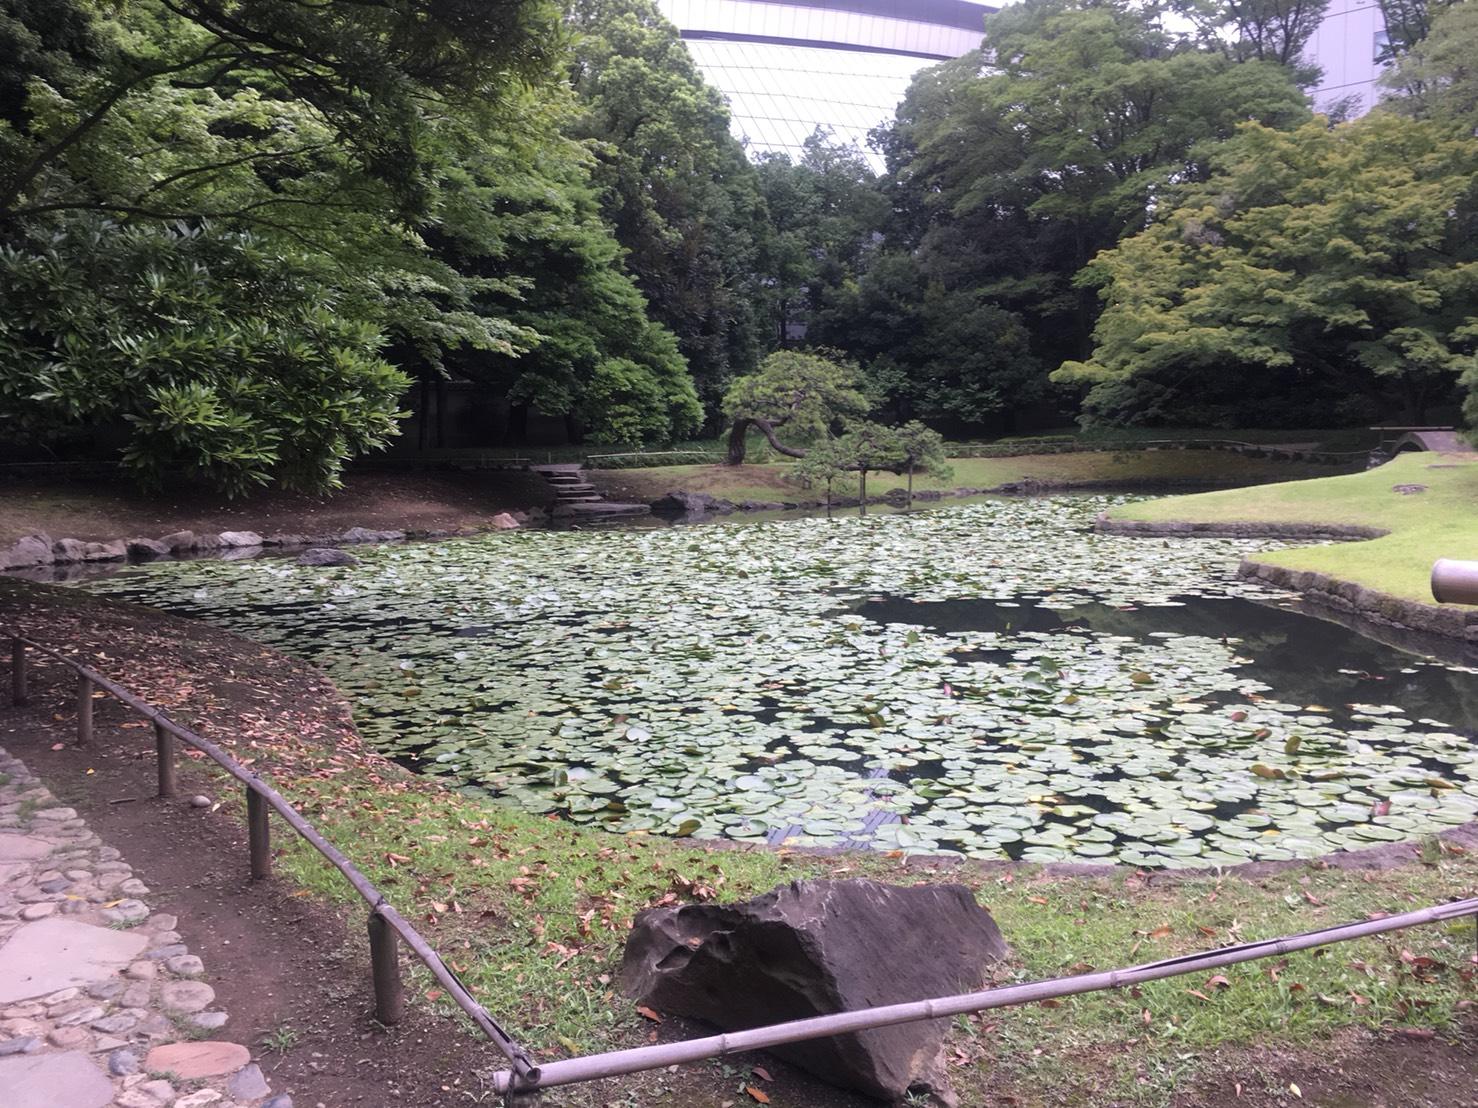 【飯田橋駅】江戸時代の中国趣味豊かな景観で一句「小石川後楽園」の内庭2